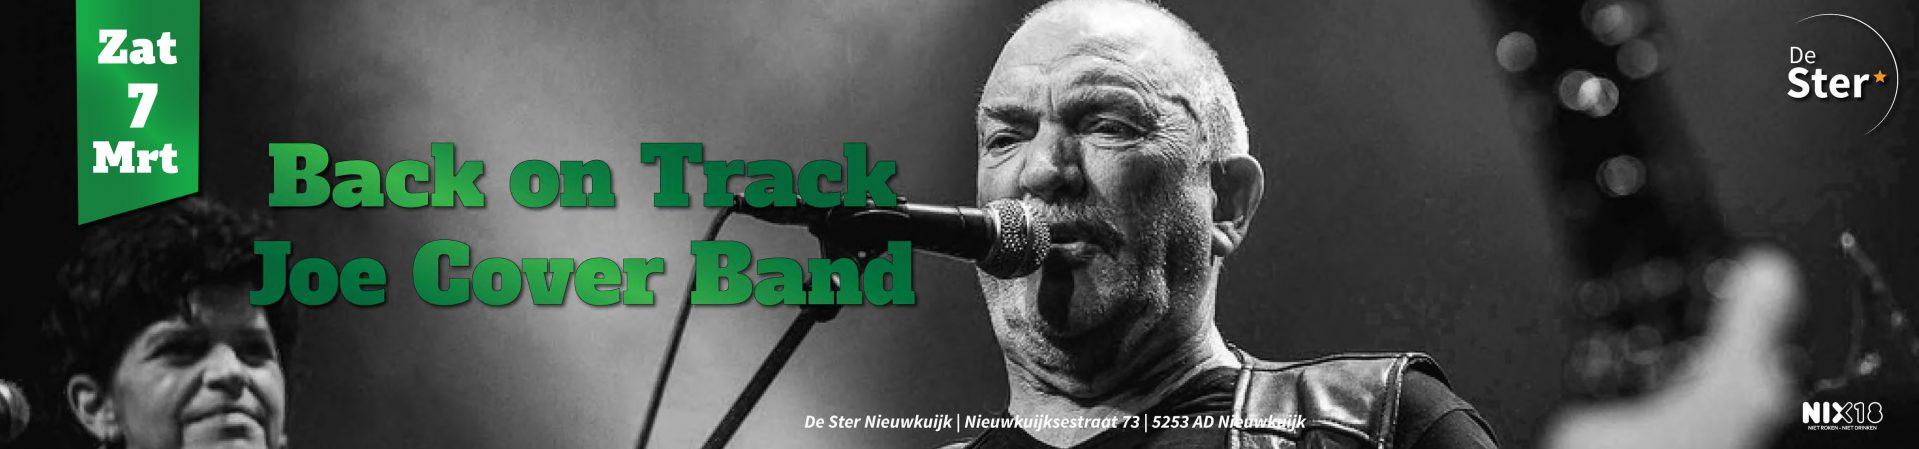 E-tickets Joe Cover Band De Ster Nieuwkuijk